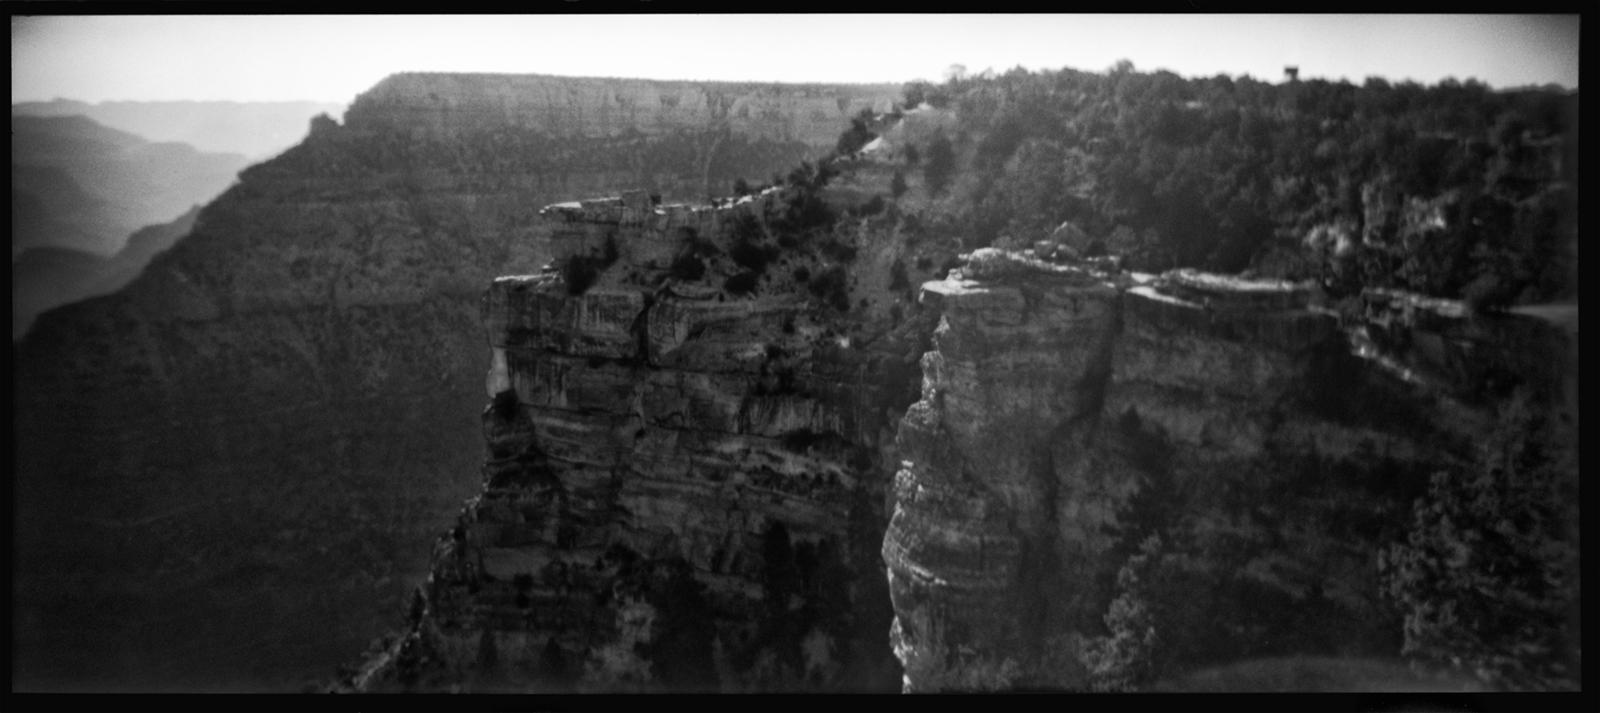 Layers | Mather Point, South Rim Grand Canyon, Arizona